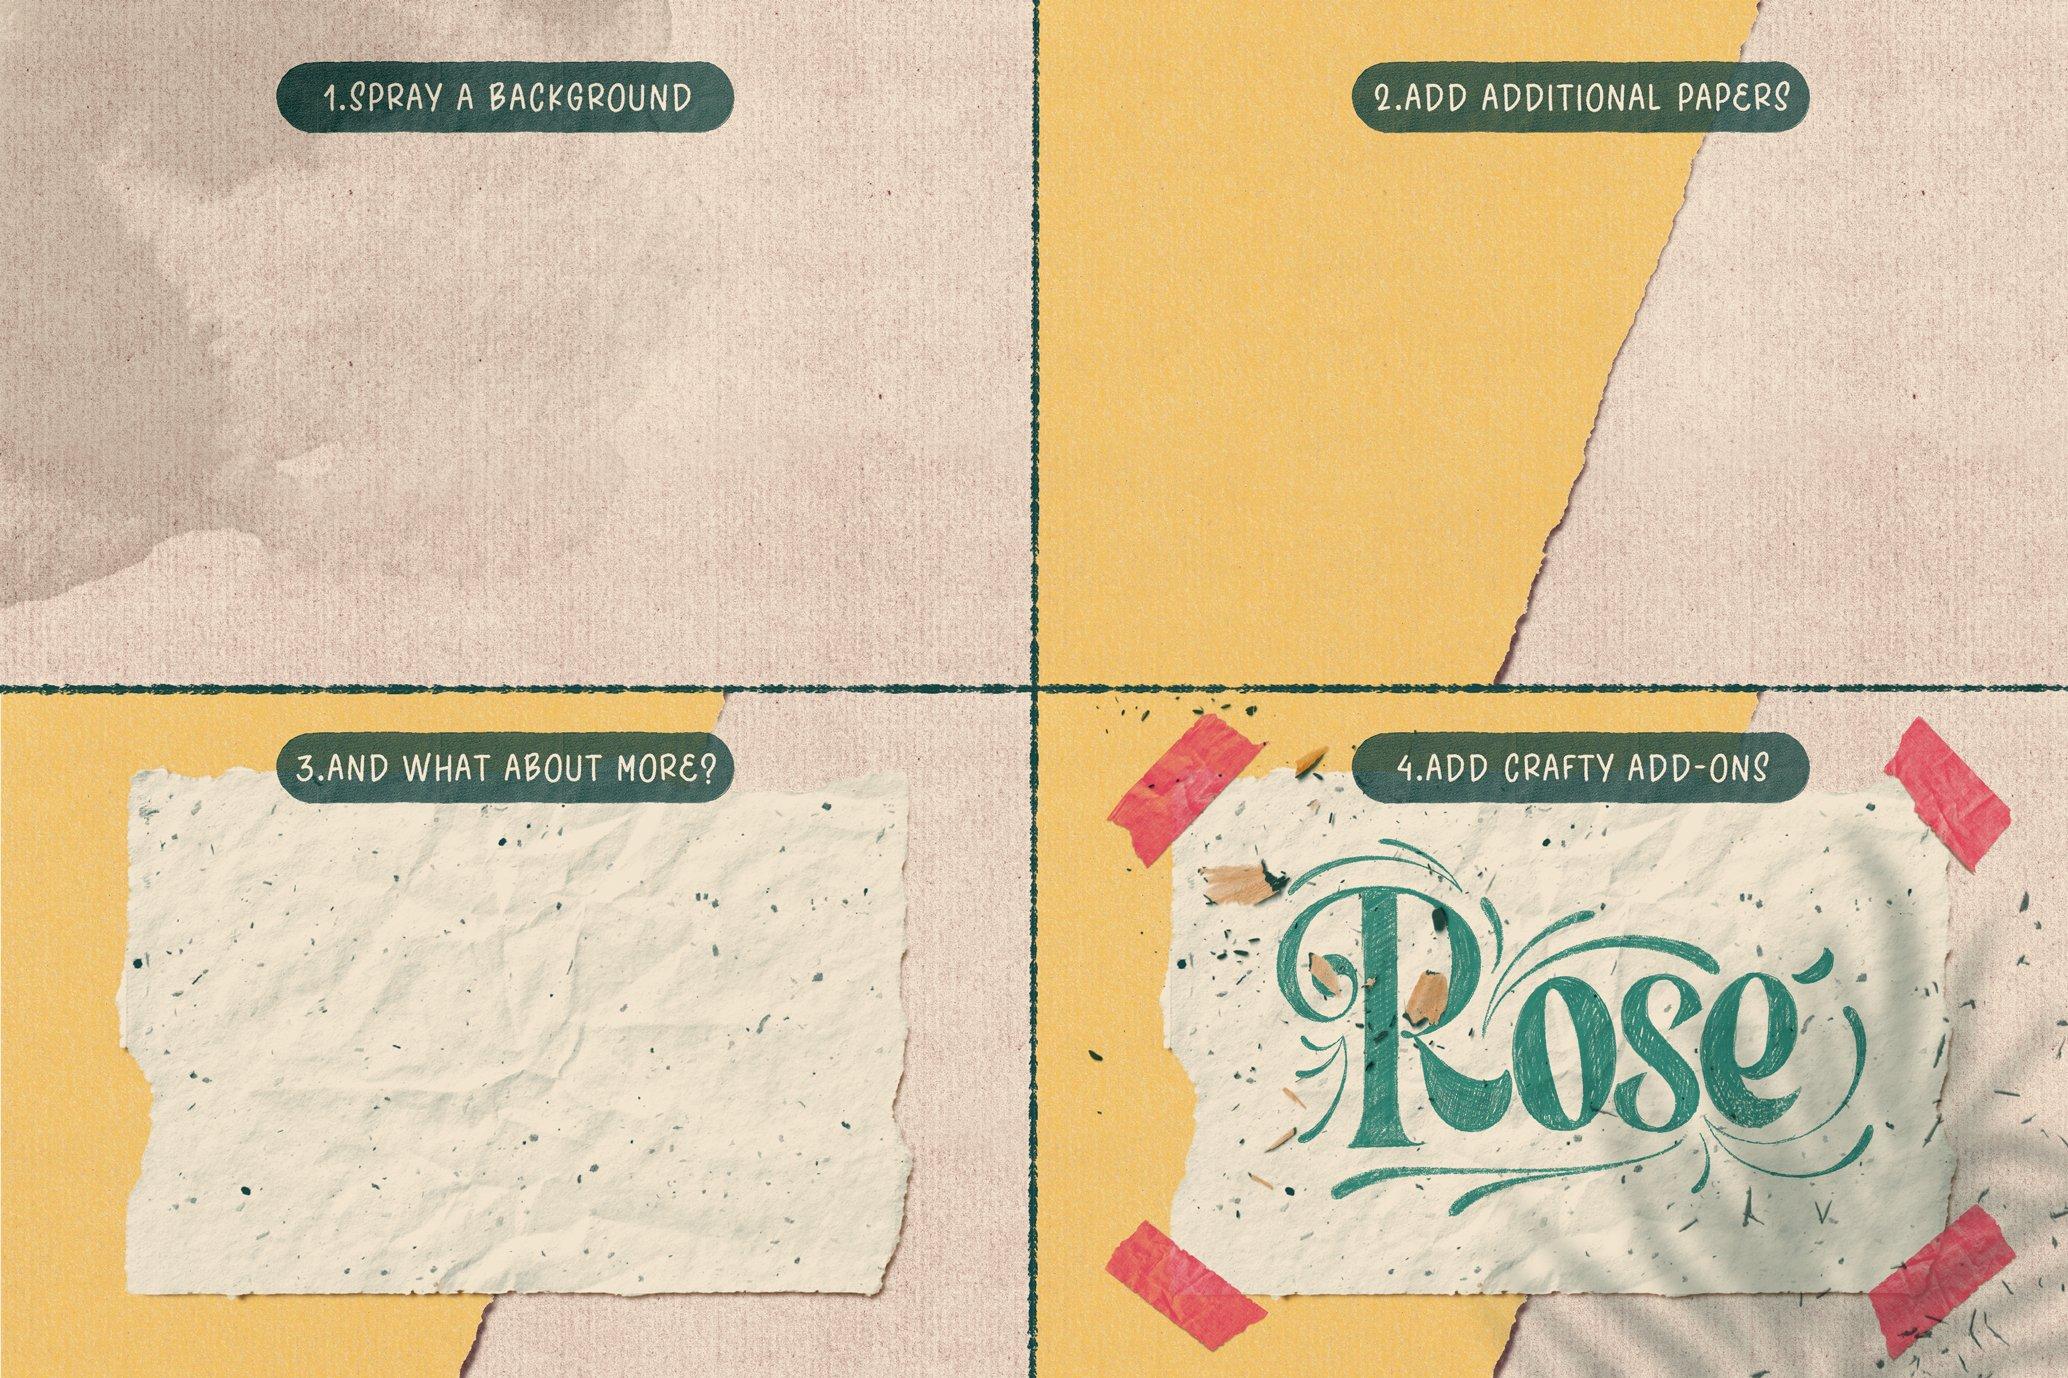 复古做旧颗粒撕纸纸张纹理iPad Procreate笔刷素材套装 The Ultimate Procreate Background Set插图6